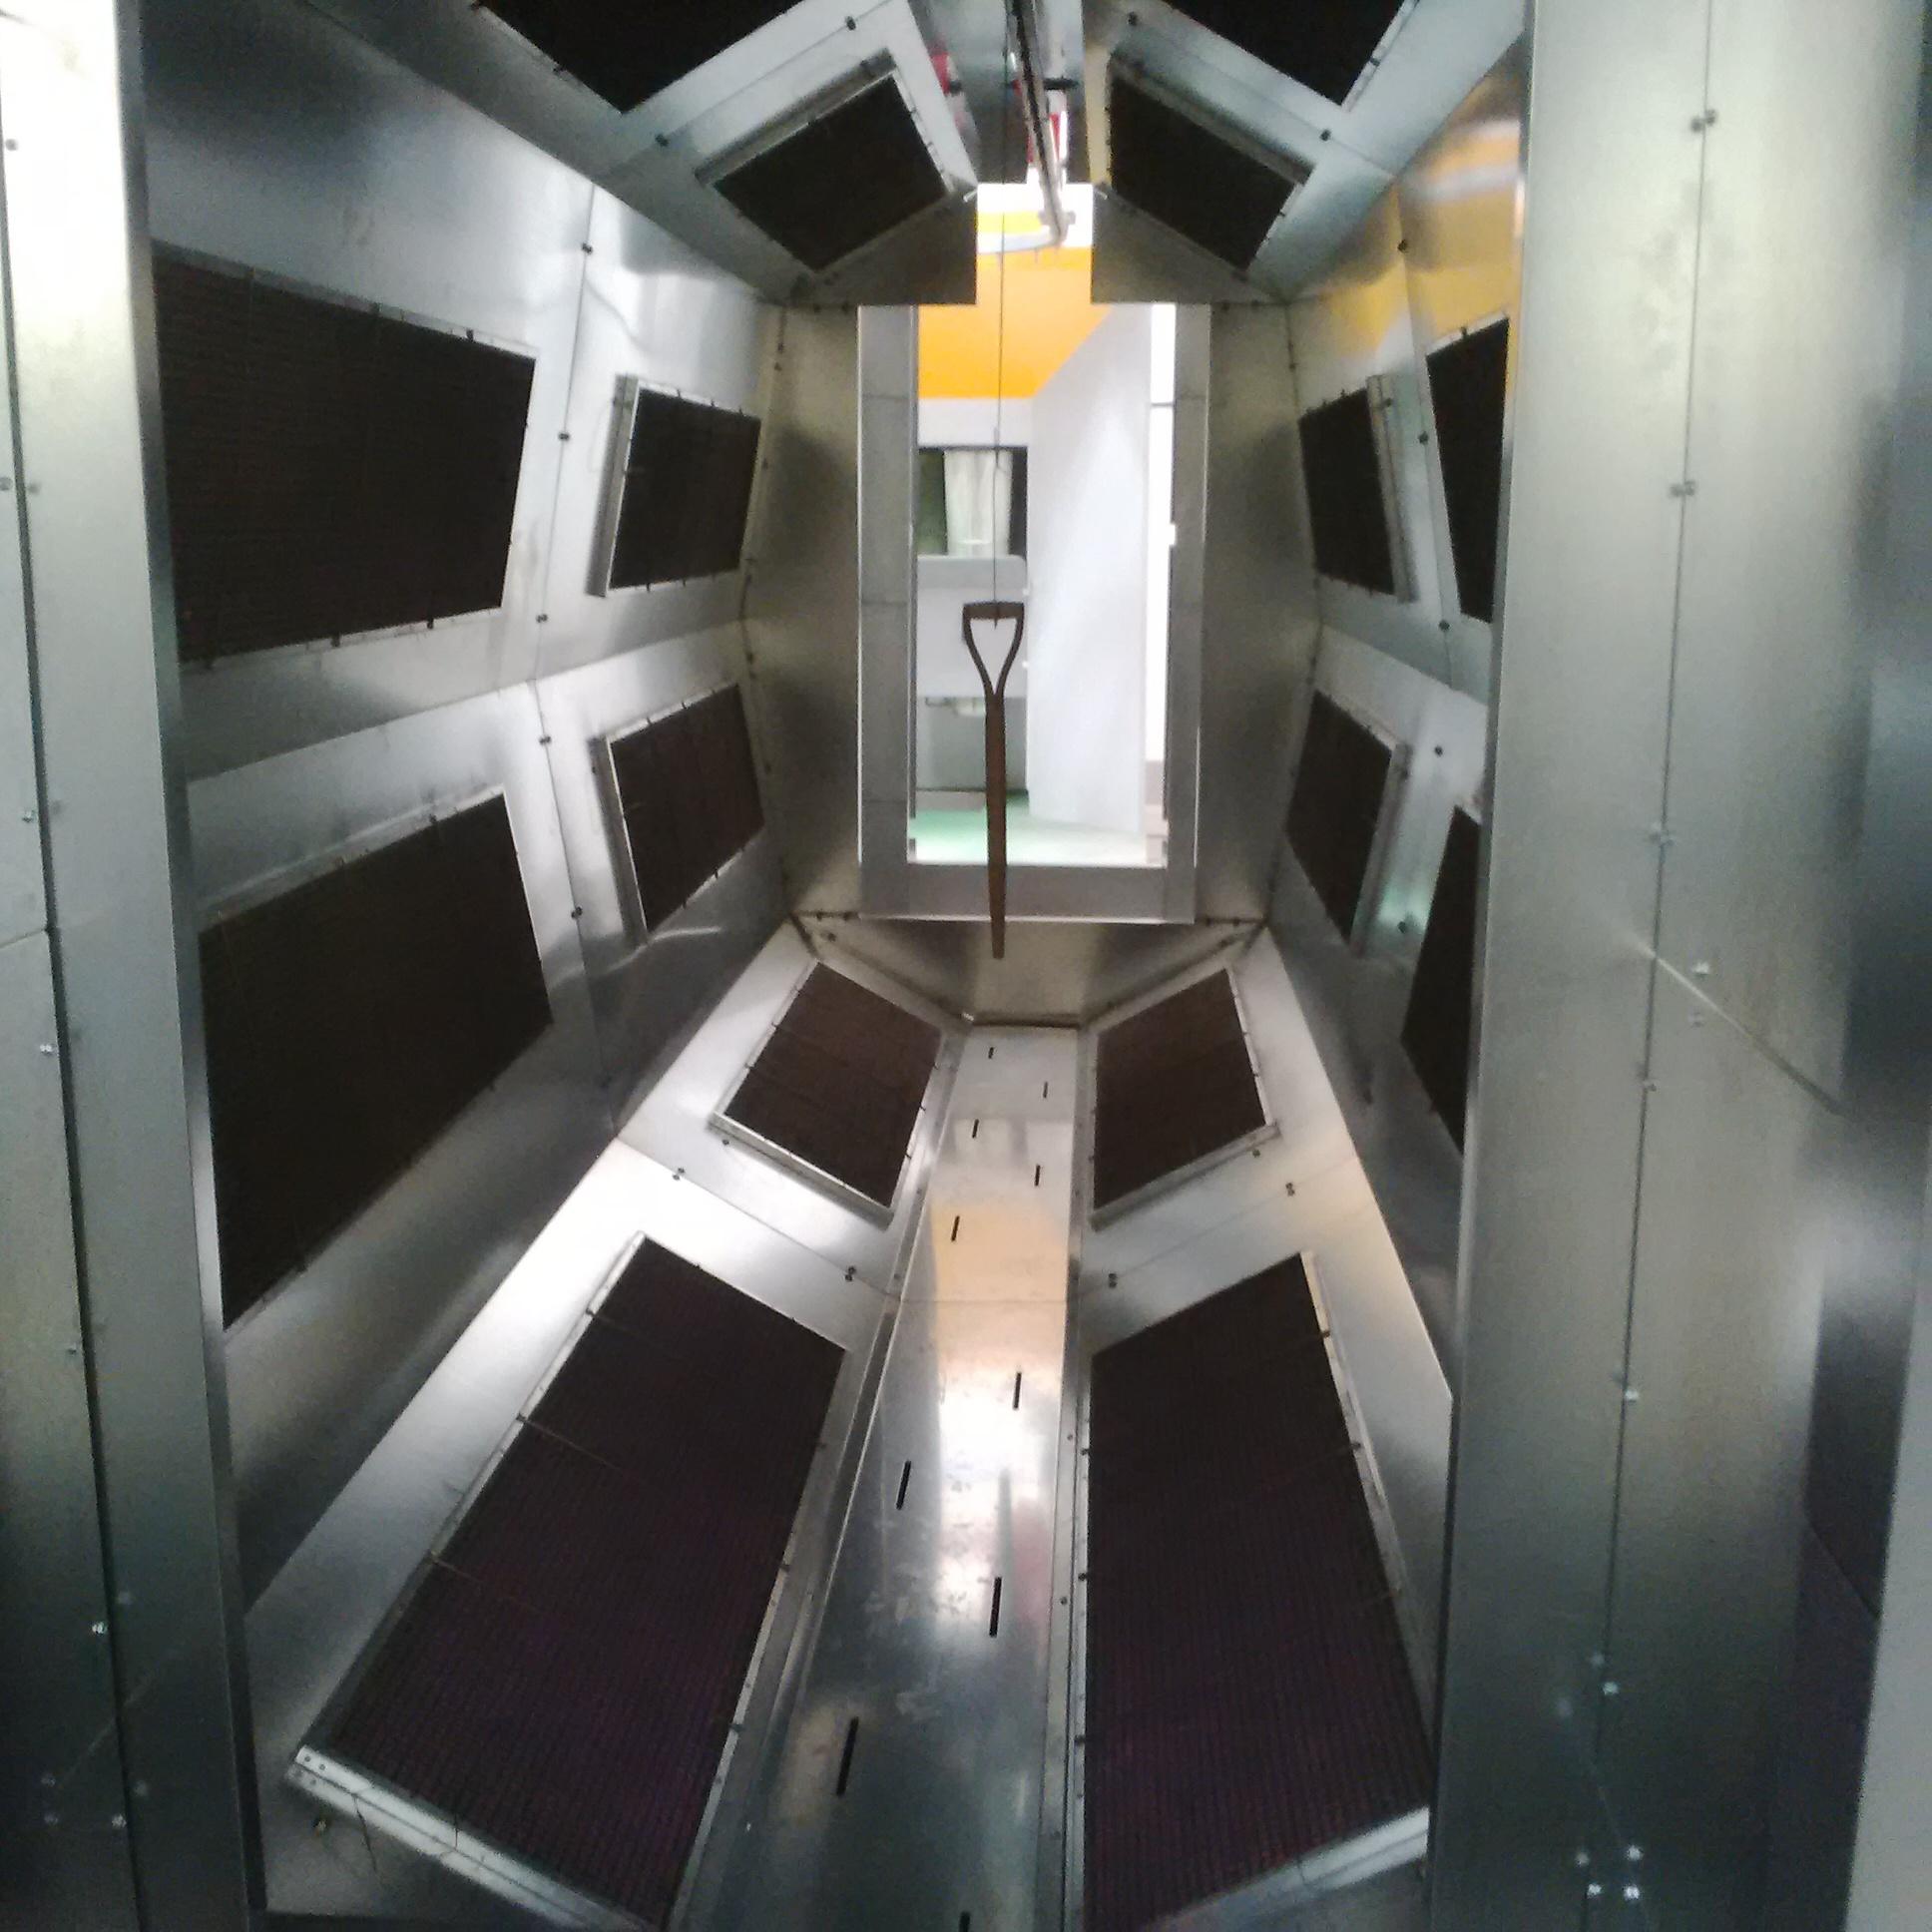 infra-red-ovens-IMG_20150226_143612